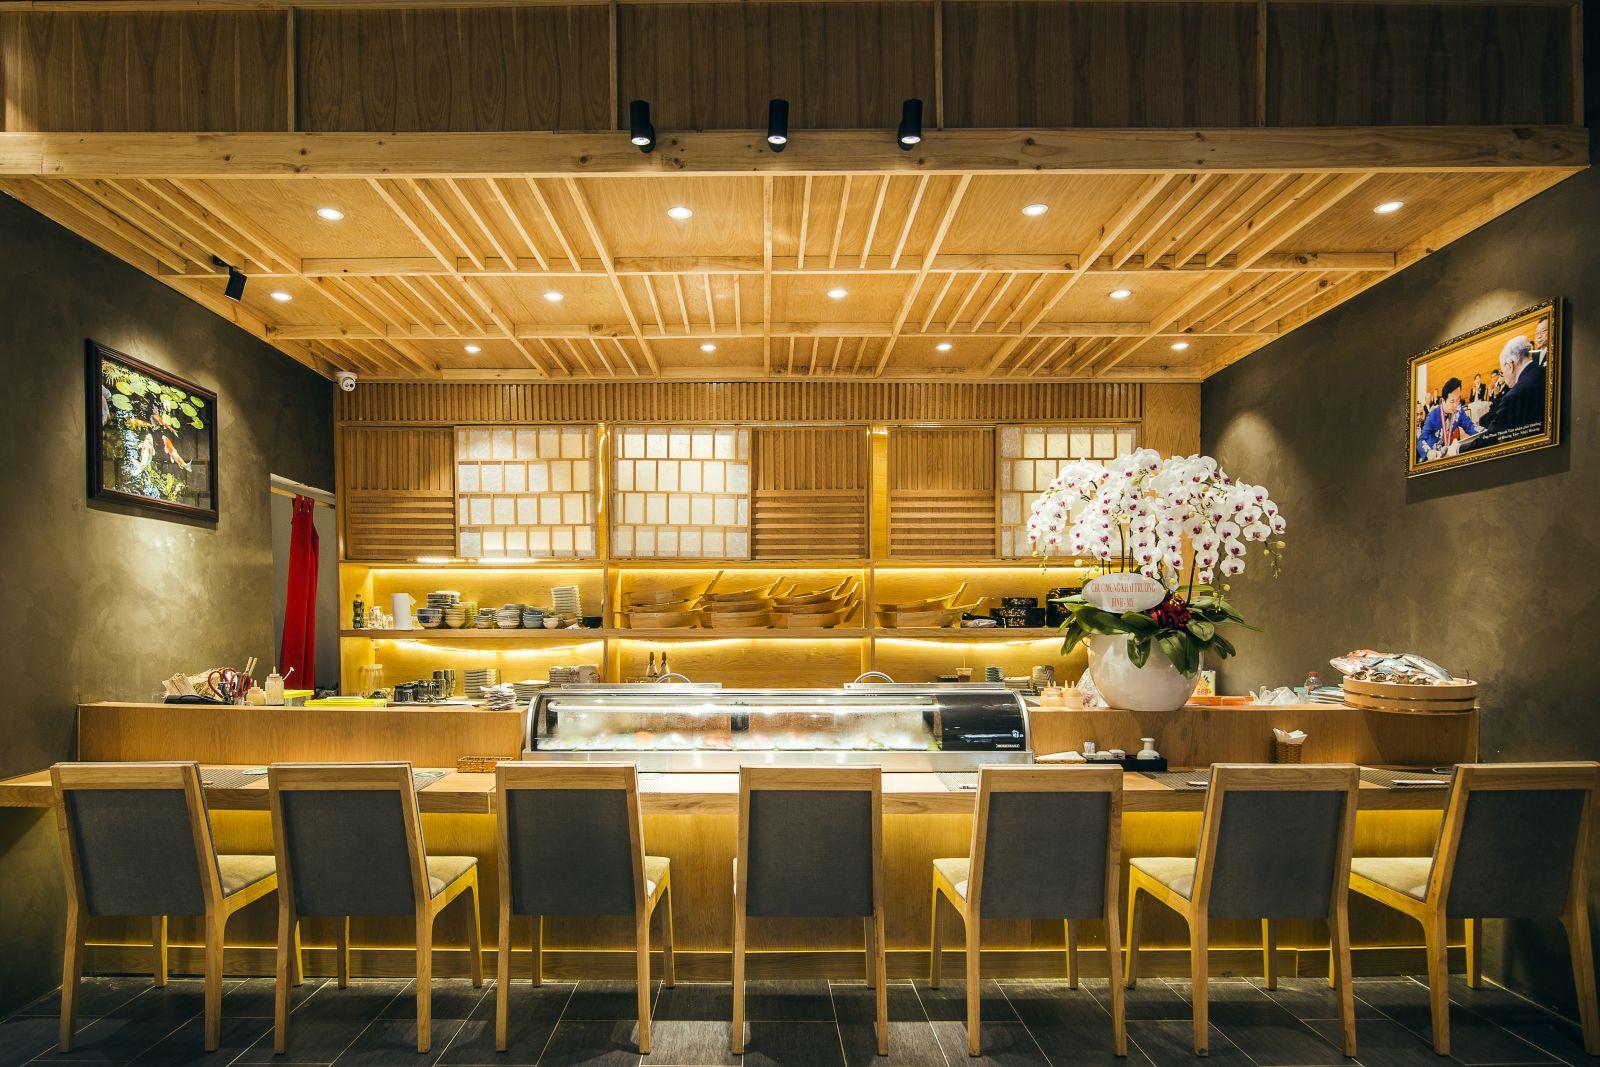 pcm cung cấp mẫu ghế bull cao cấp dành cho nhà hàng sushi world